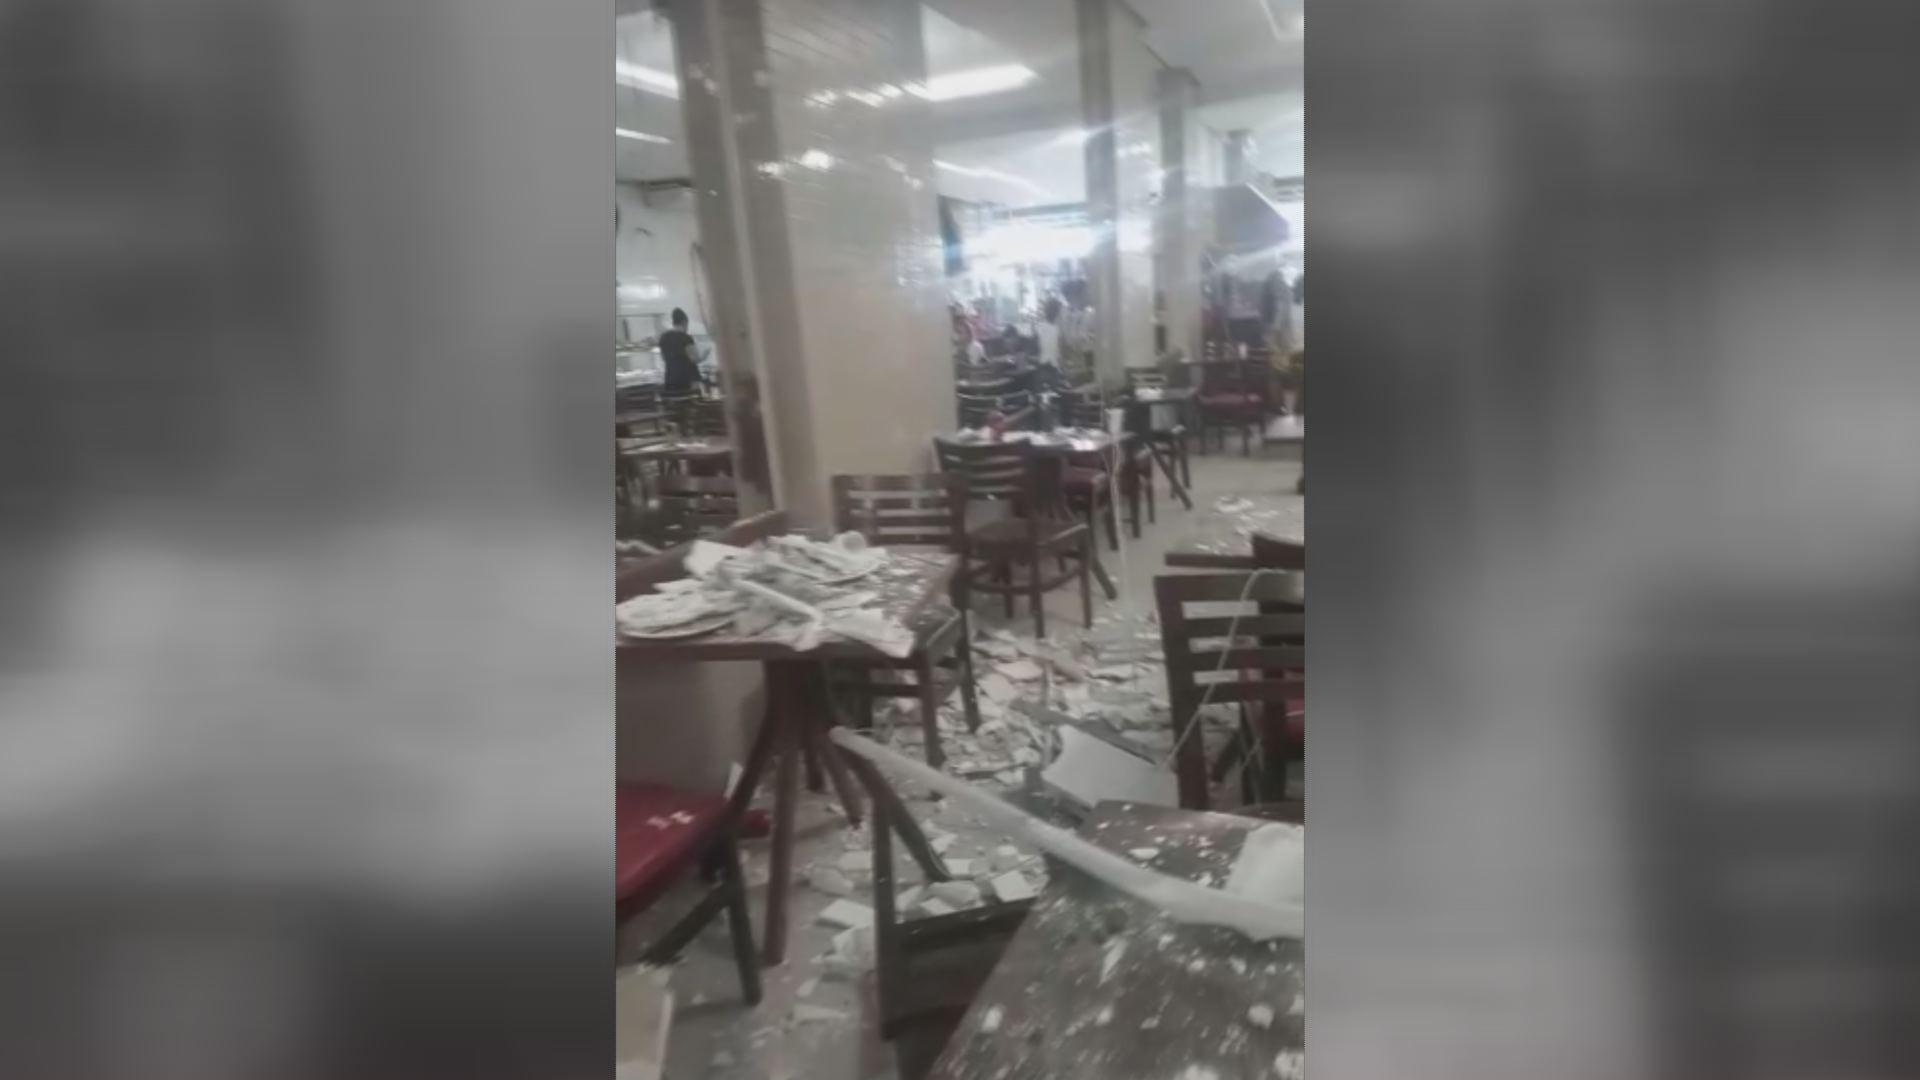 Forro de gesso desaba em restaurante e deixa cliente ferida no litoral de SP; VÍDEO